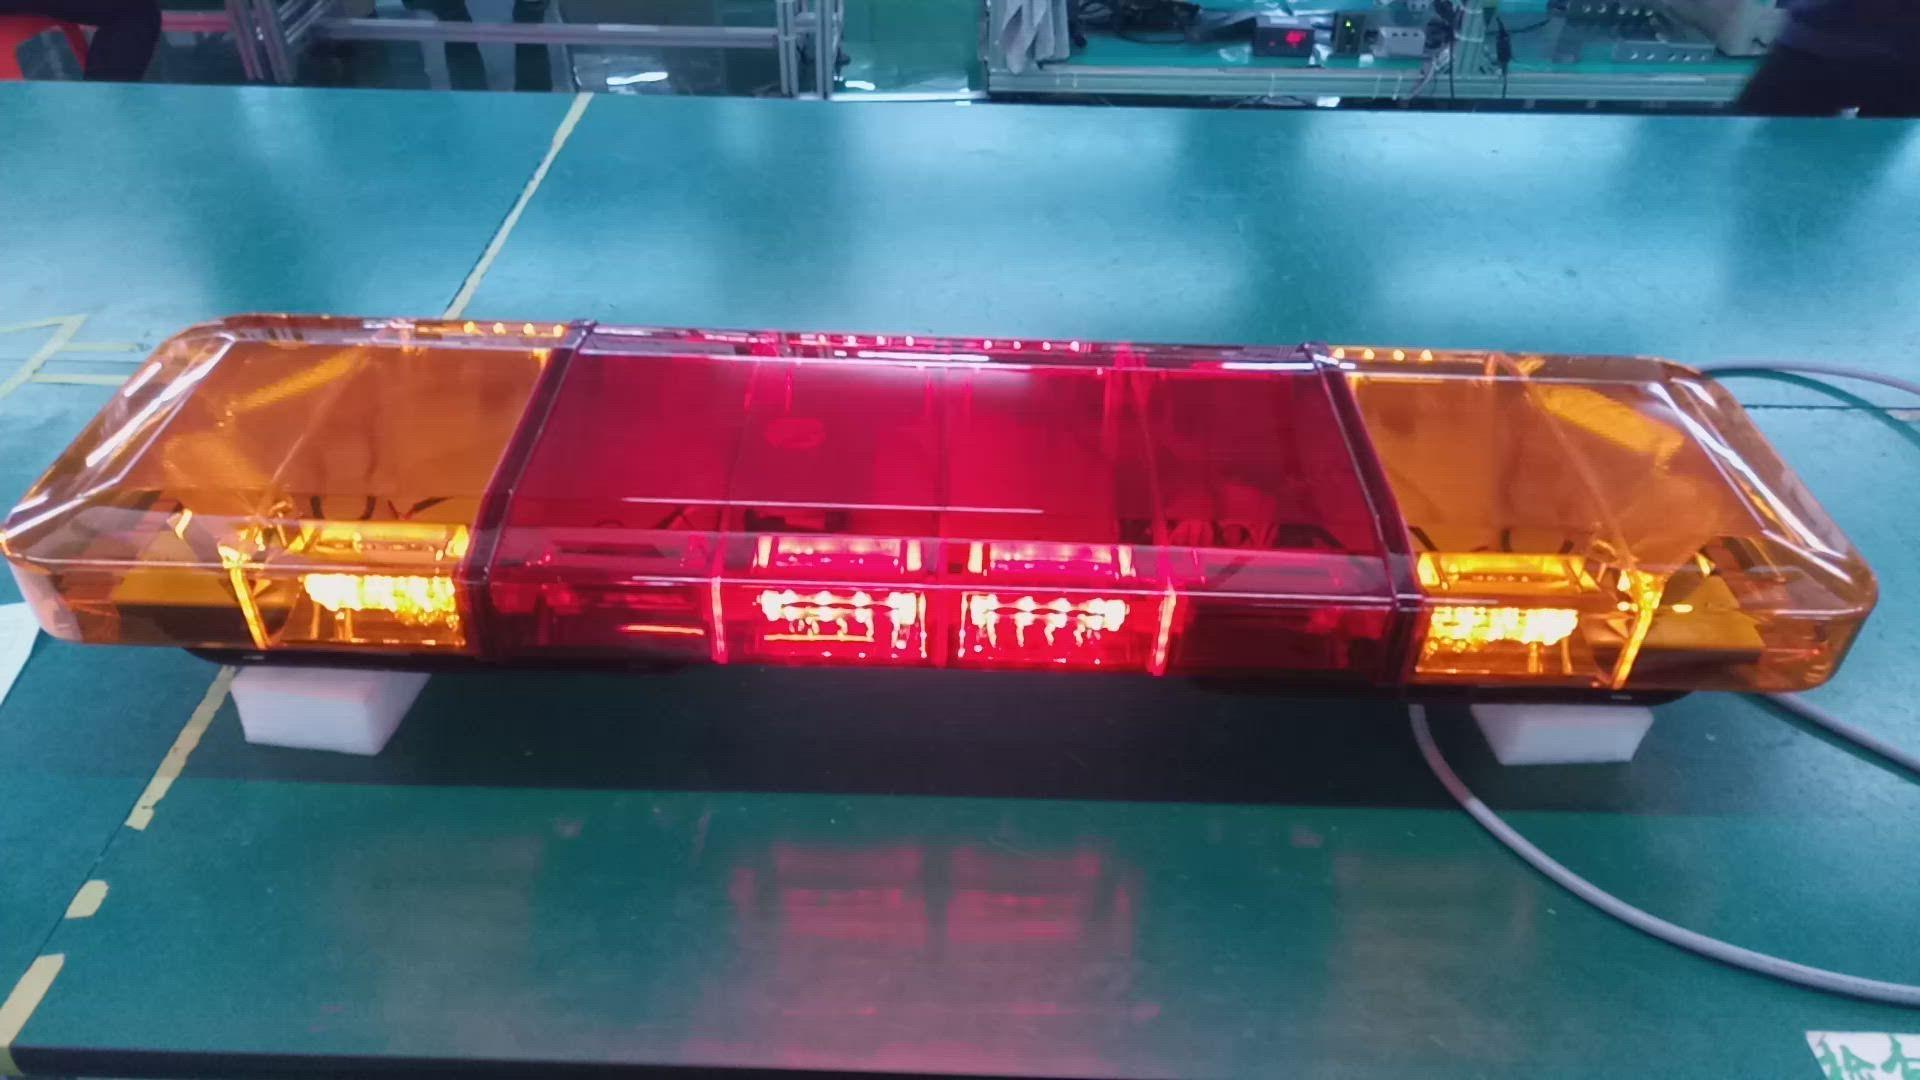 Strobe & Warning Lights for Vehicles Trucks Emergency